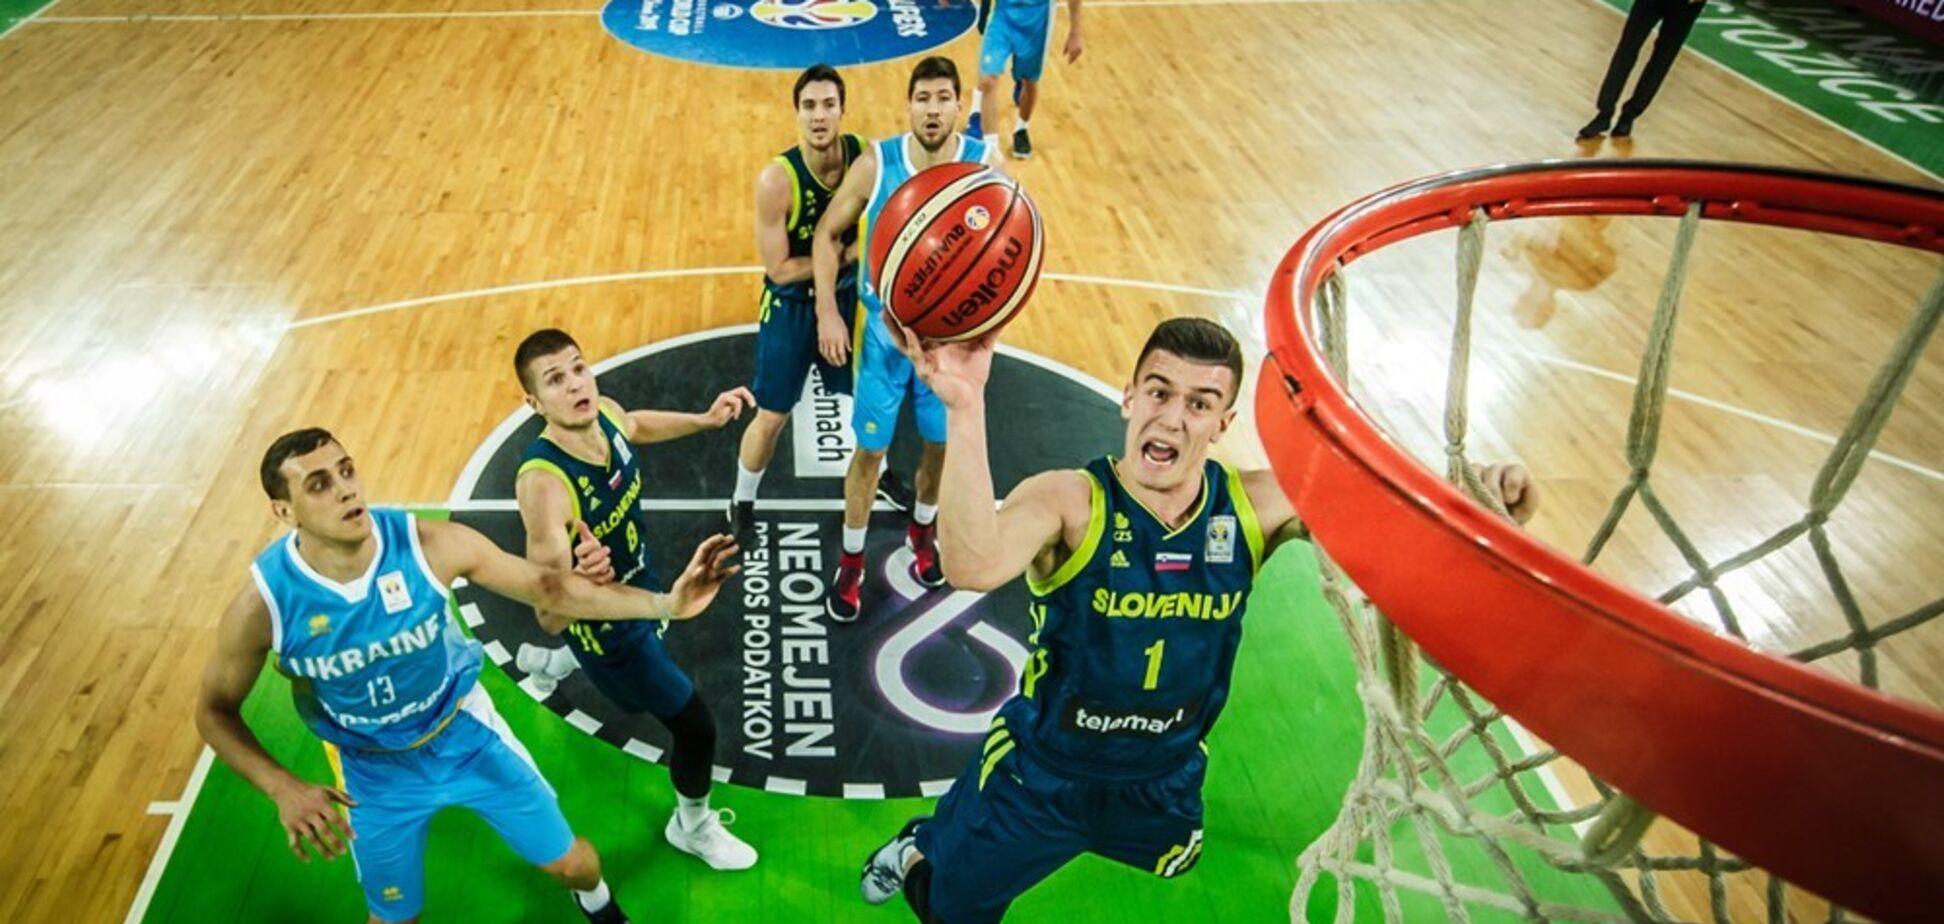 Словенія - Україна: найкращі моменти матчу кваліфікації КС із баскетболу